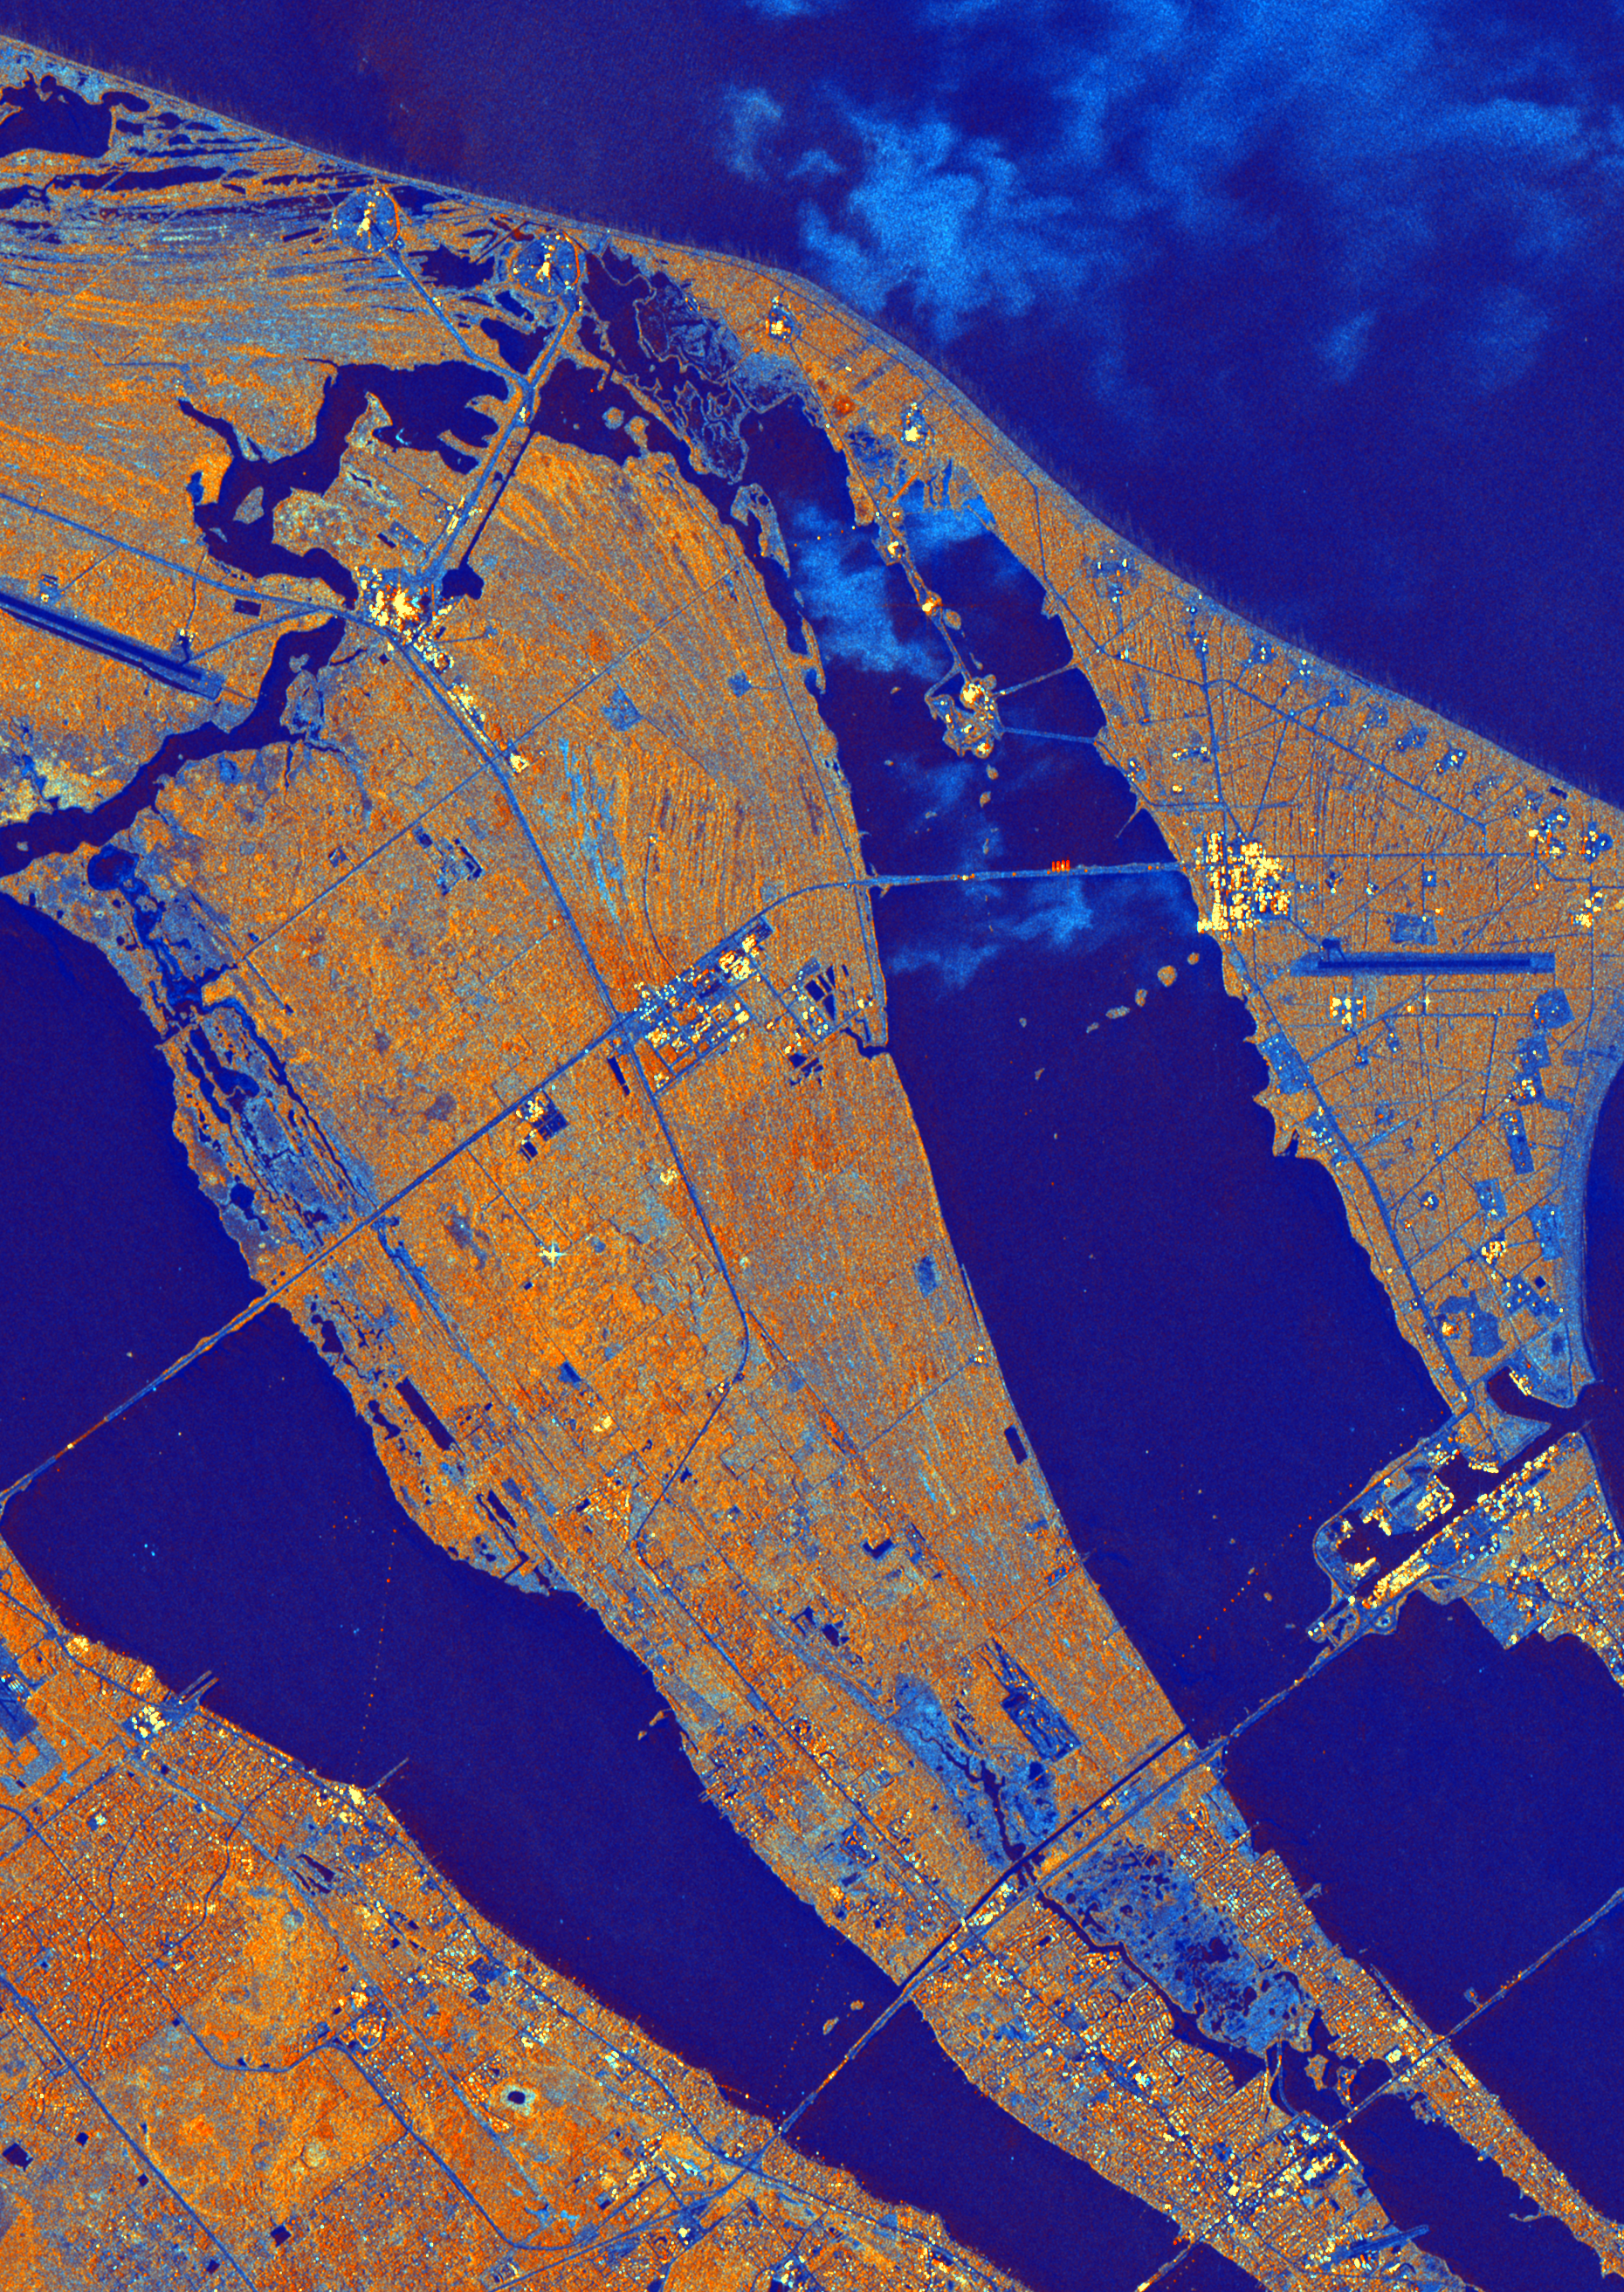 Centro espacial John F. Kennedy, Florida